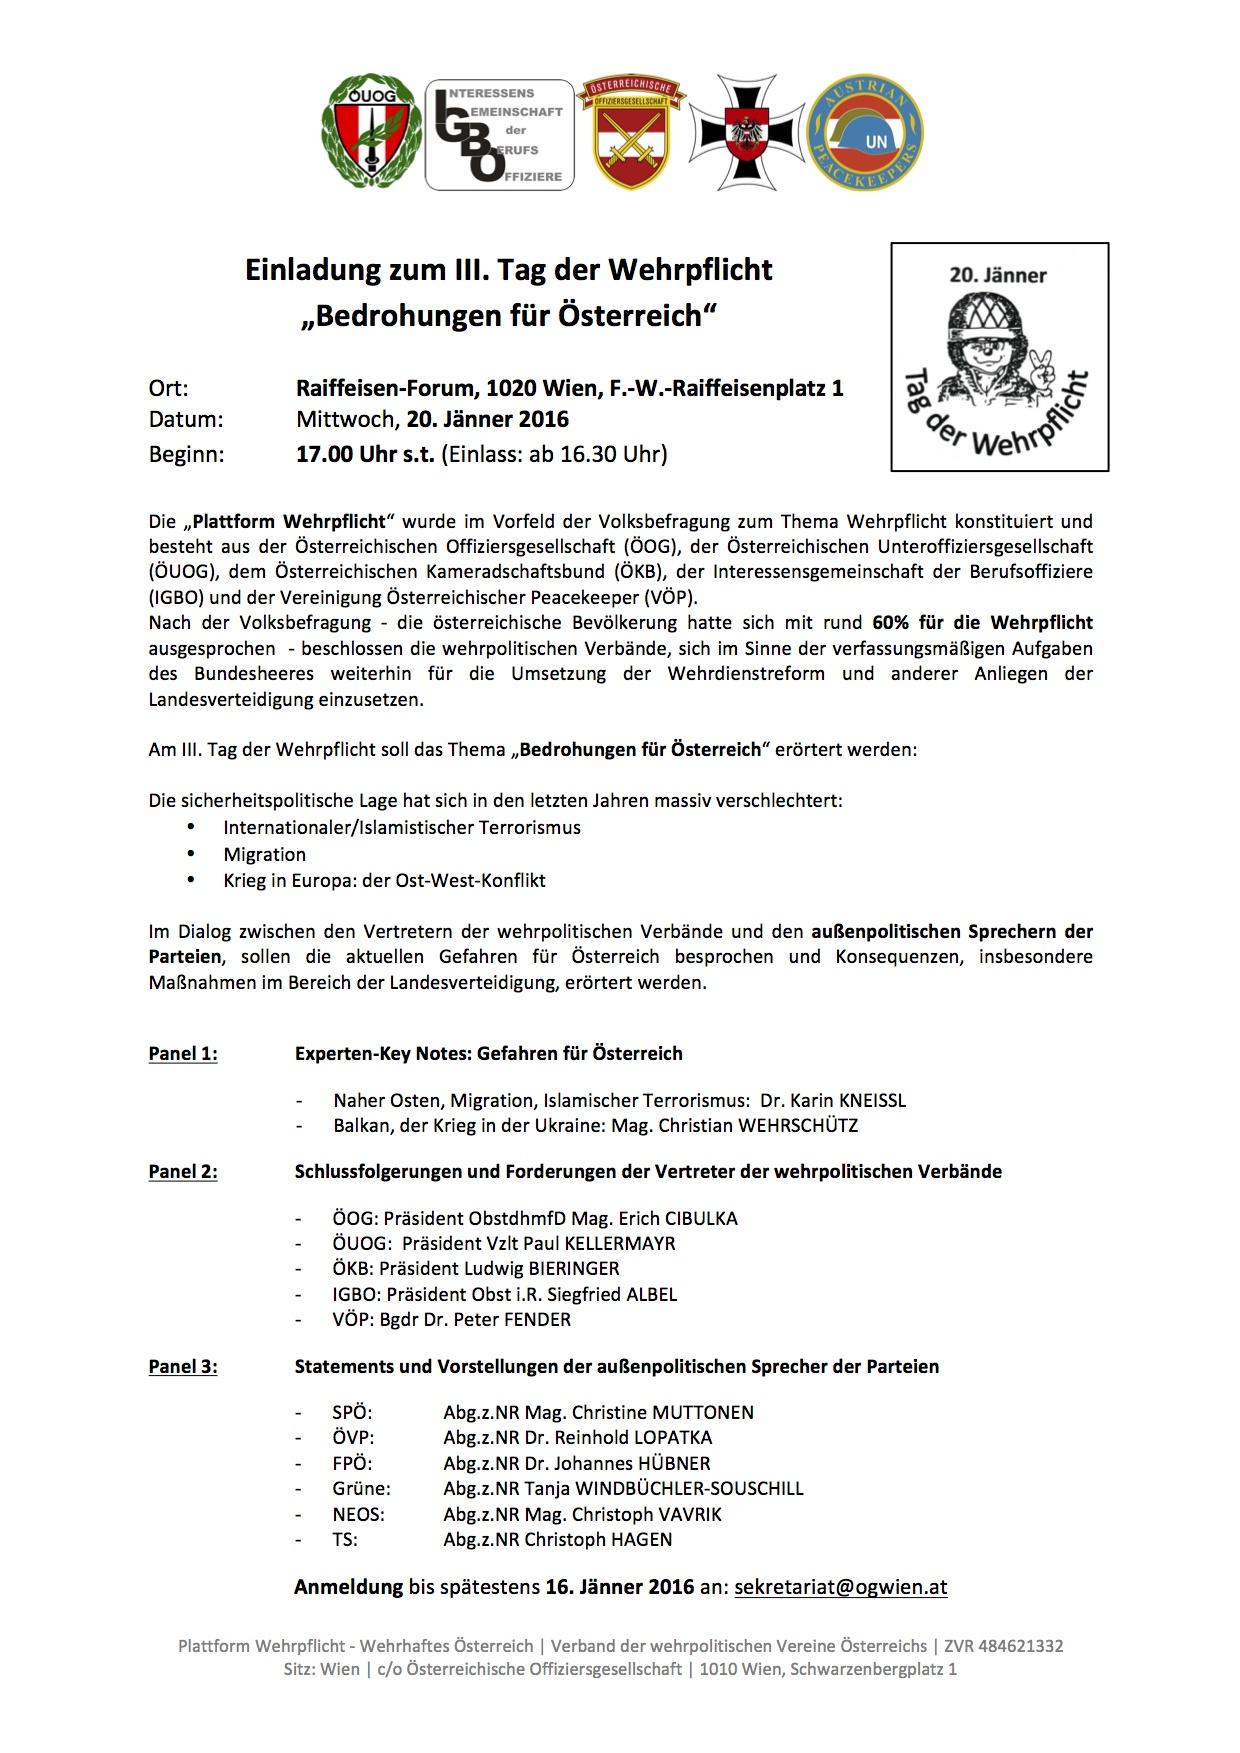 2016-01-20_3. Tag der Wehrpflicht_Einladung_hb2end